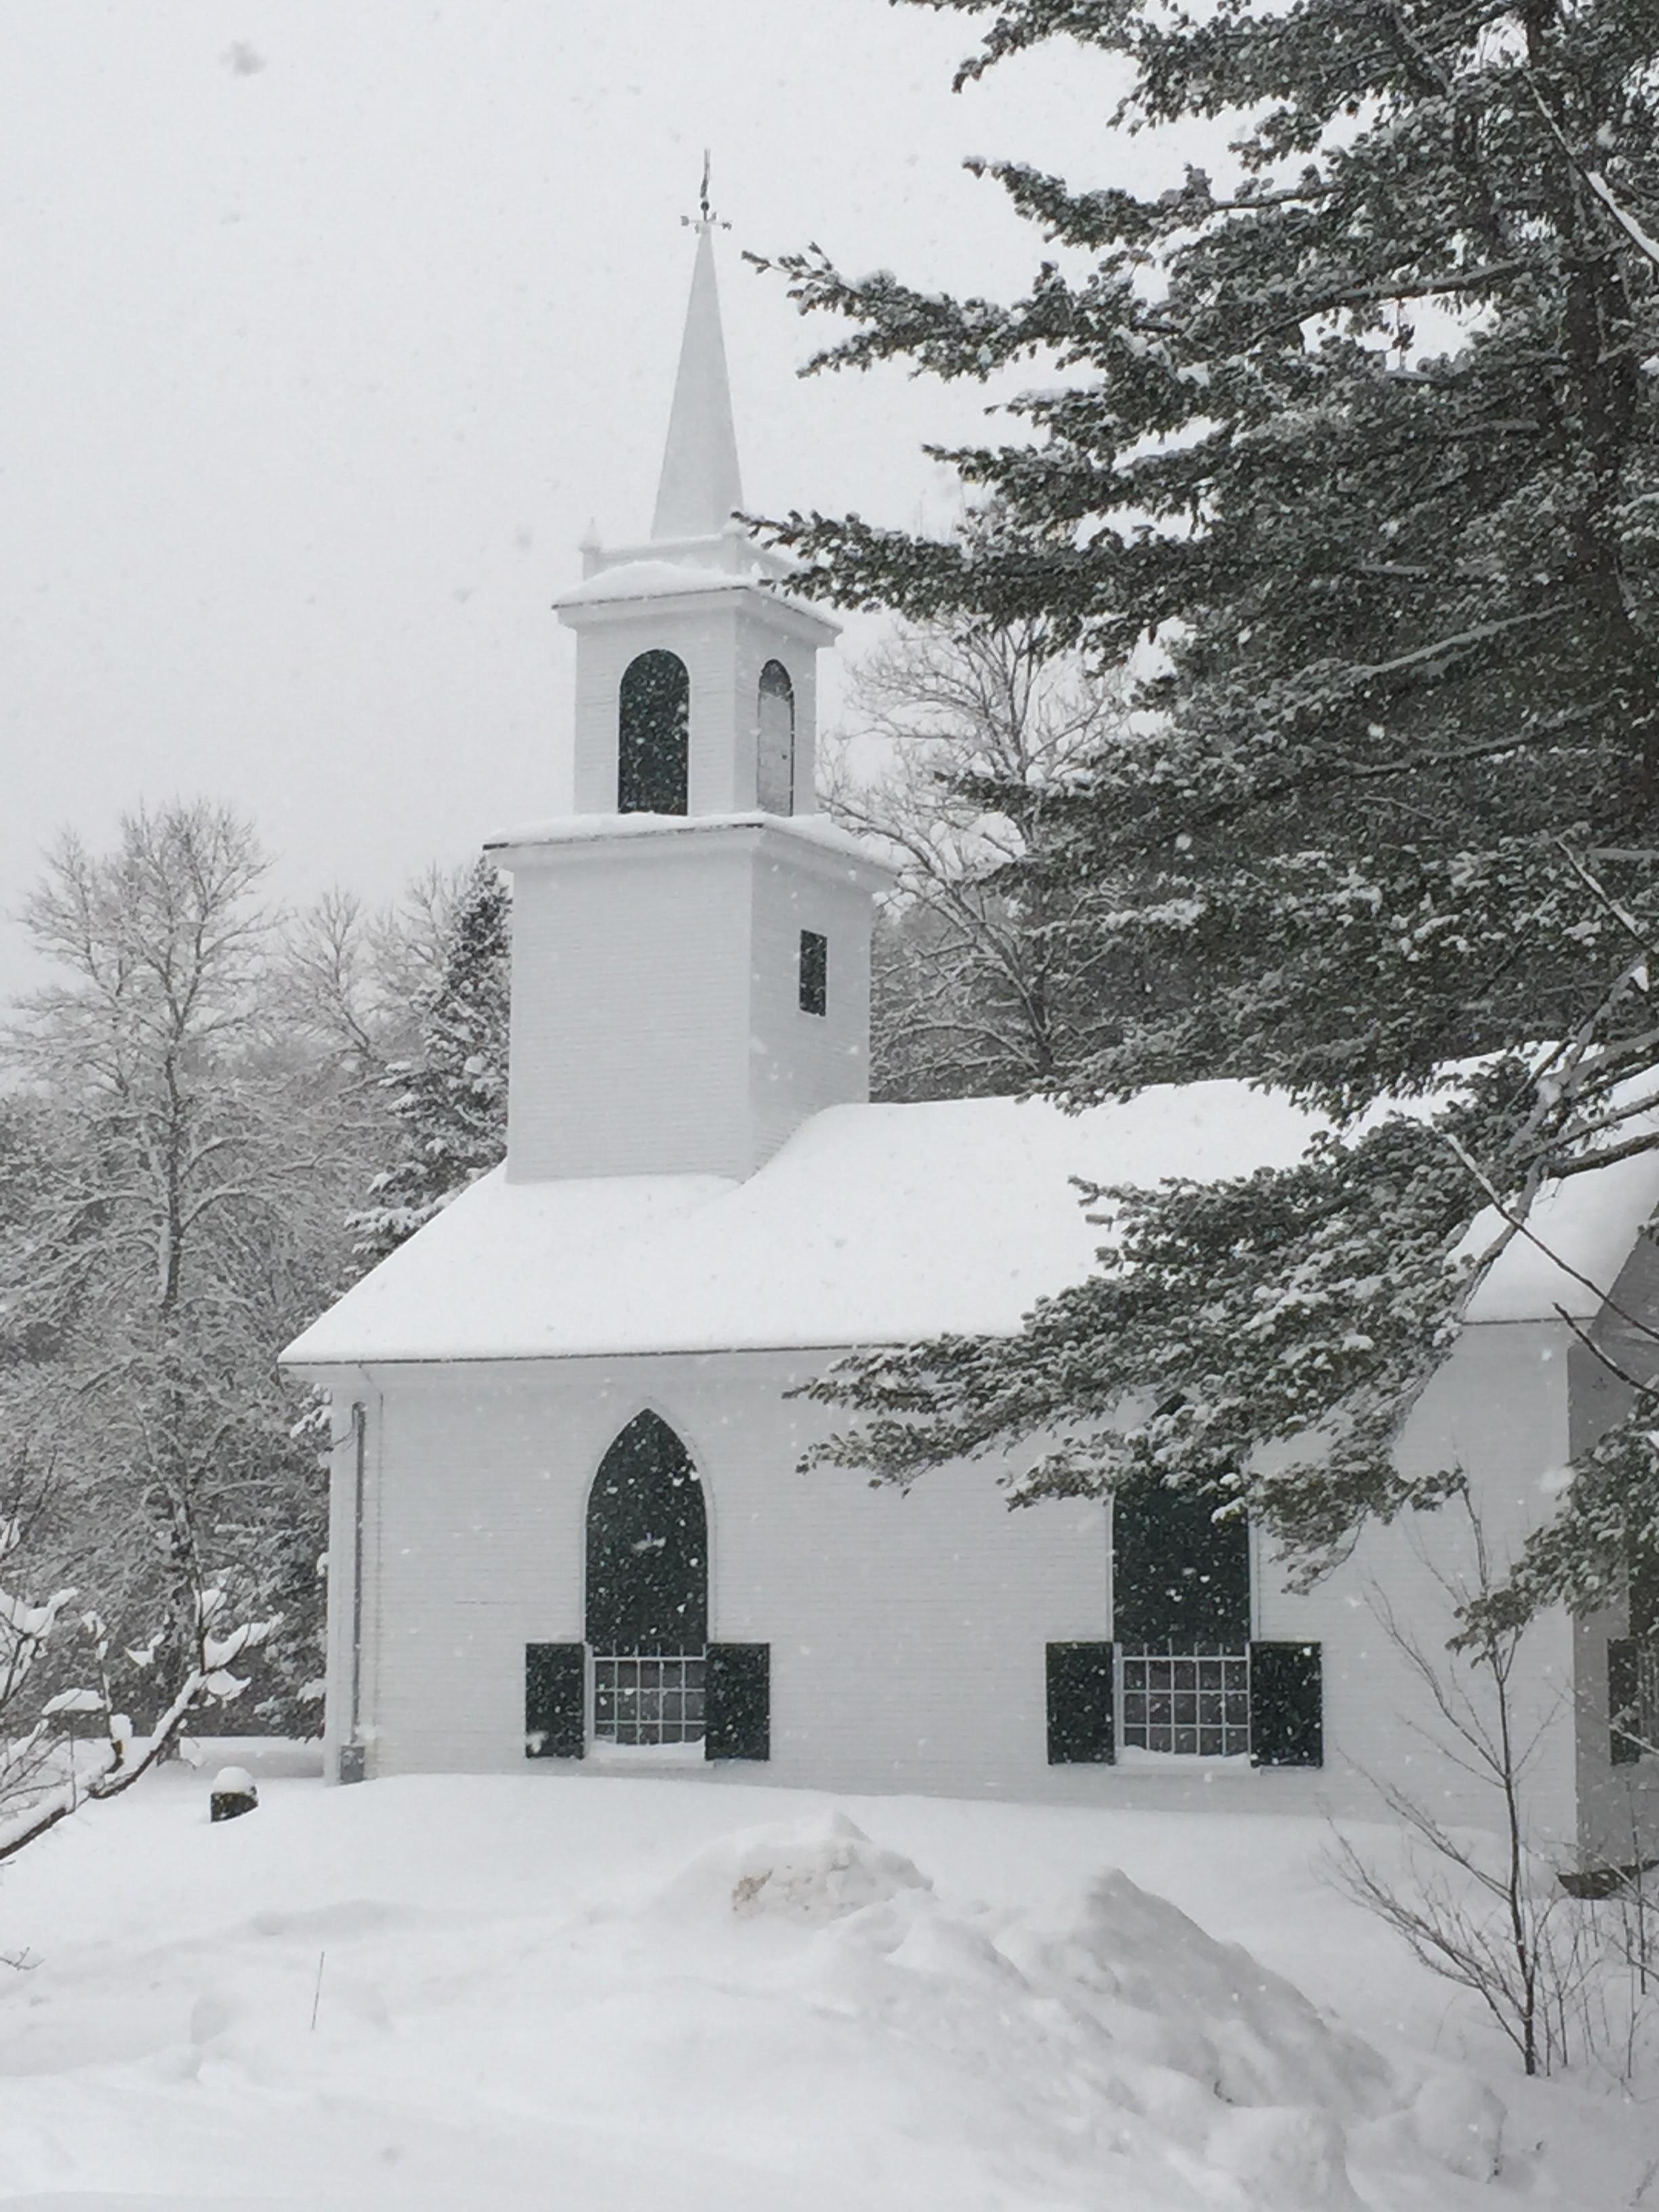 Head Tide Church in Winter